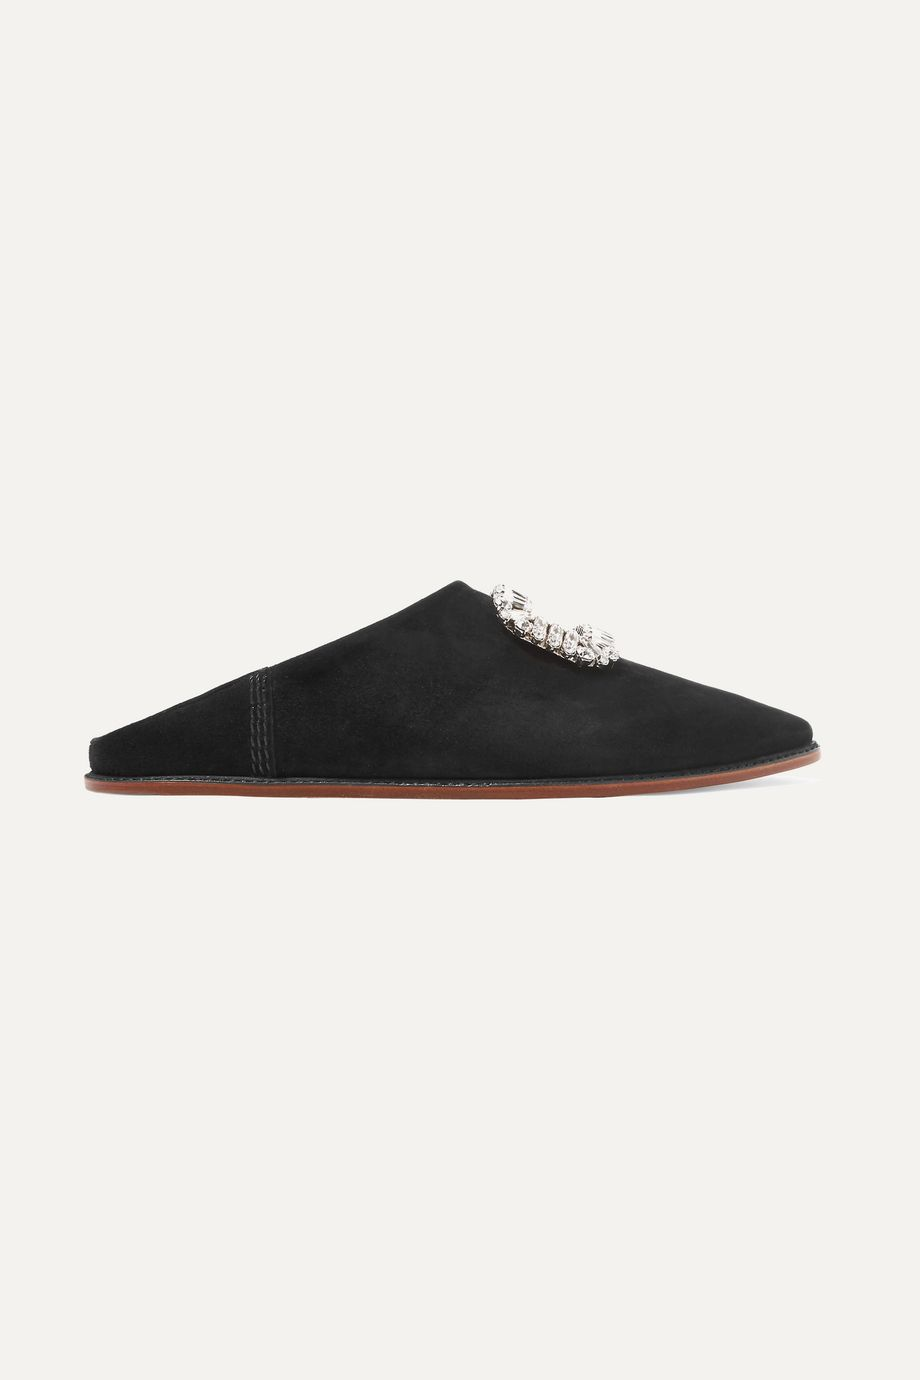 Roger Vivier Bab' Viv crystal-embellished collapsible-heel suede slippers